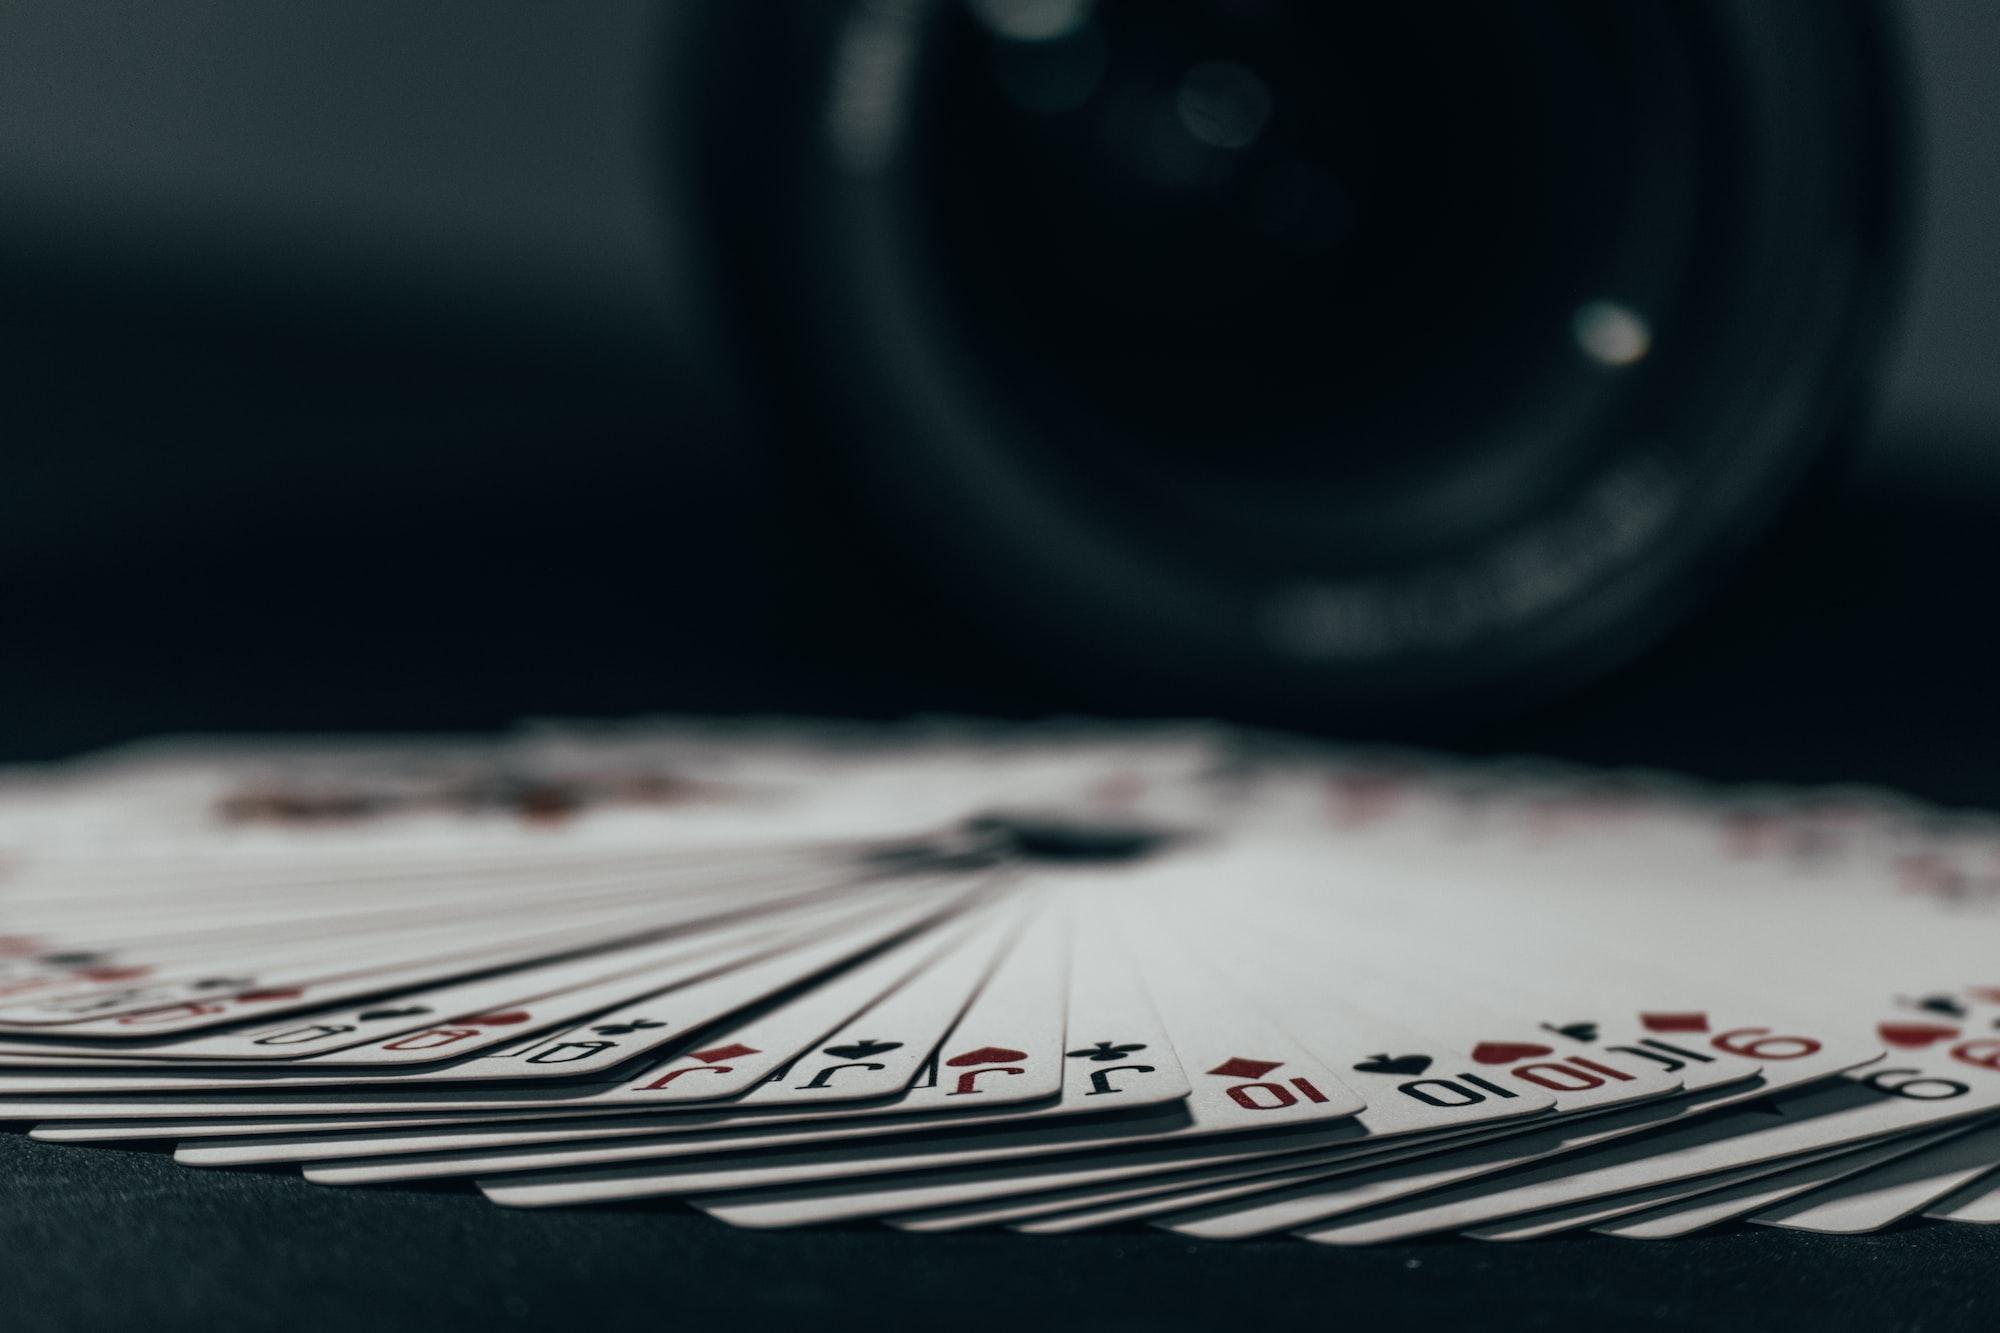 Estrazioni Lotto, Superenalotto e 10eLotto 22/07/21: i numeri vincenti